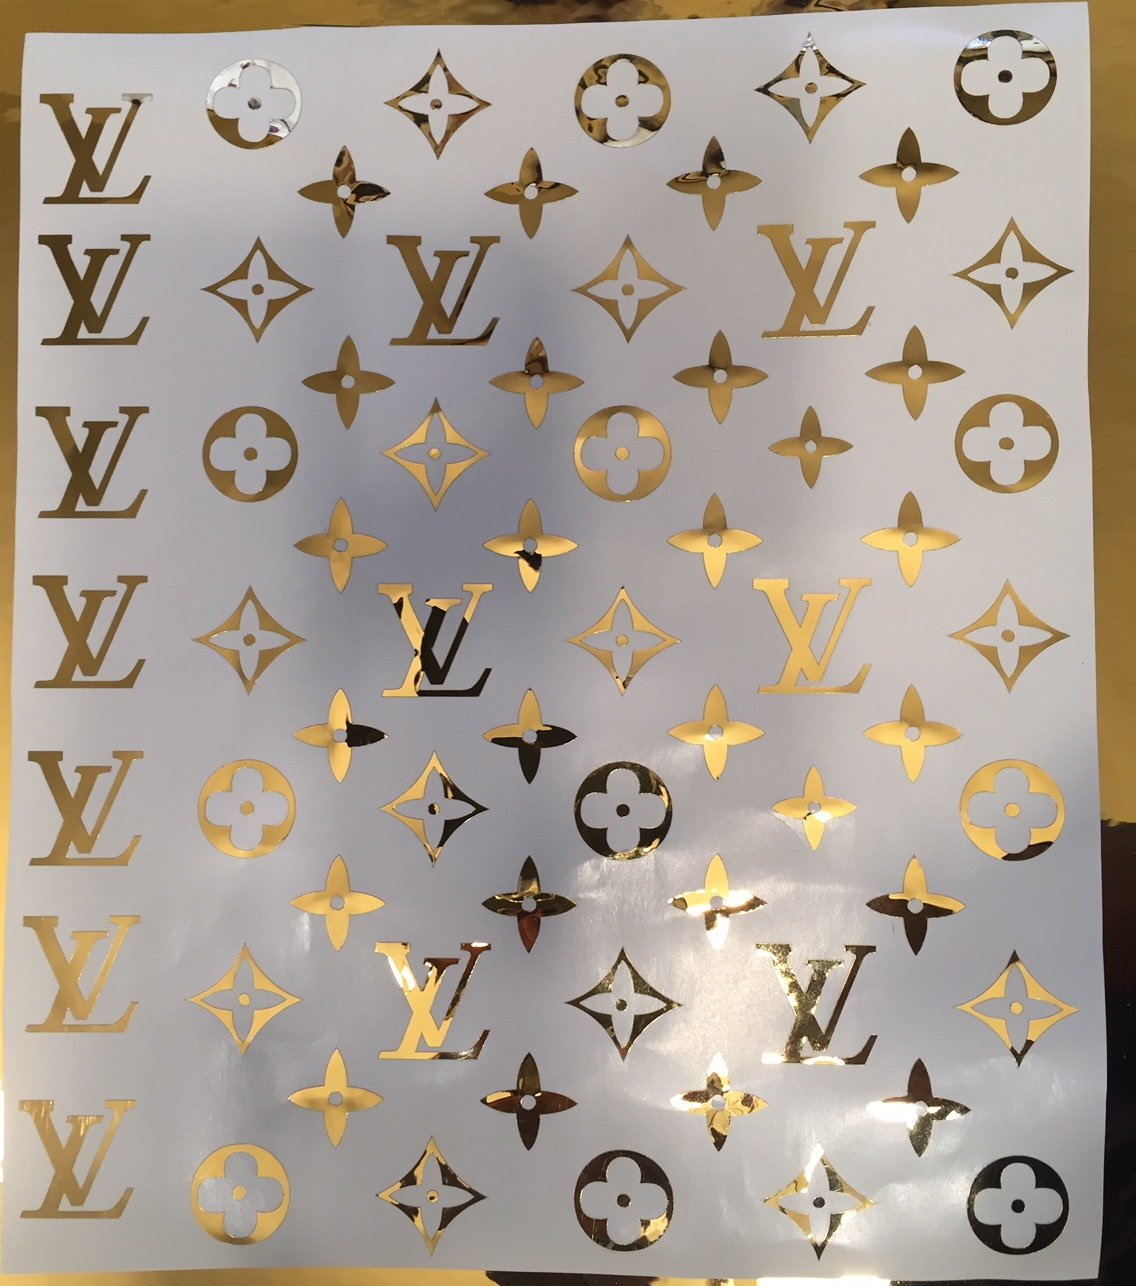 Louie Vuitton Wallpapers Virgil Abloh Louis Vuitton Pattern